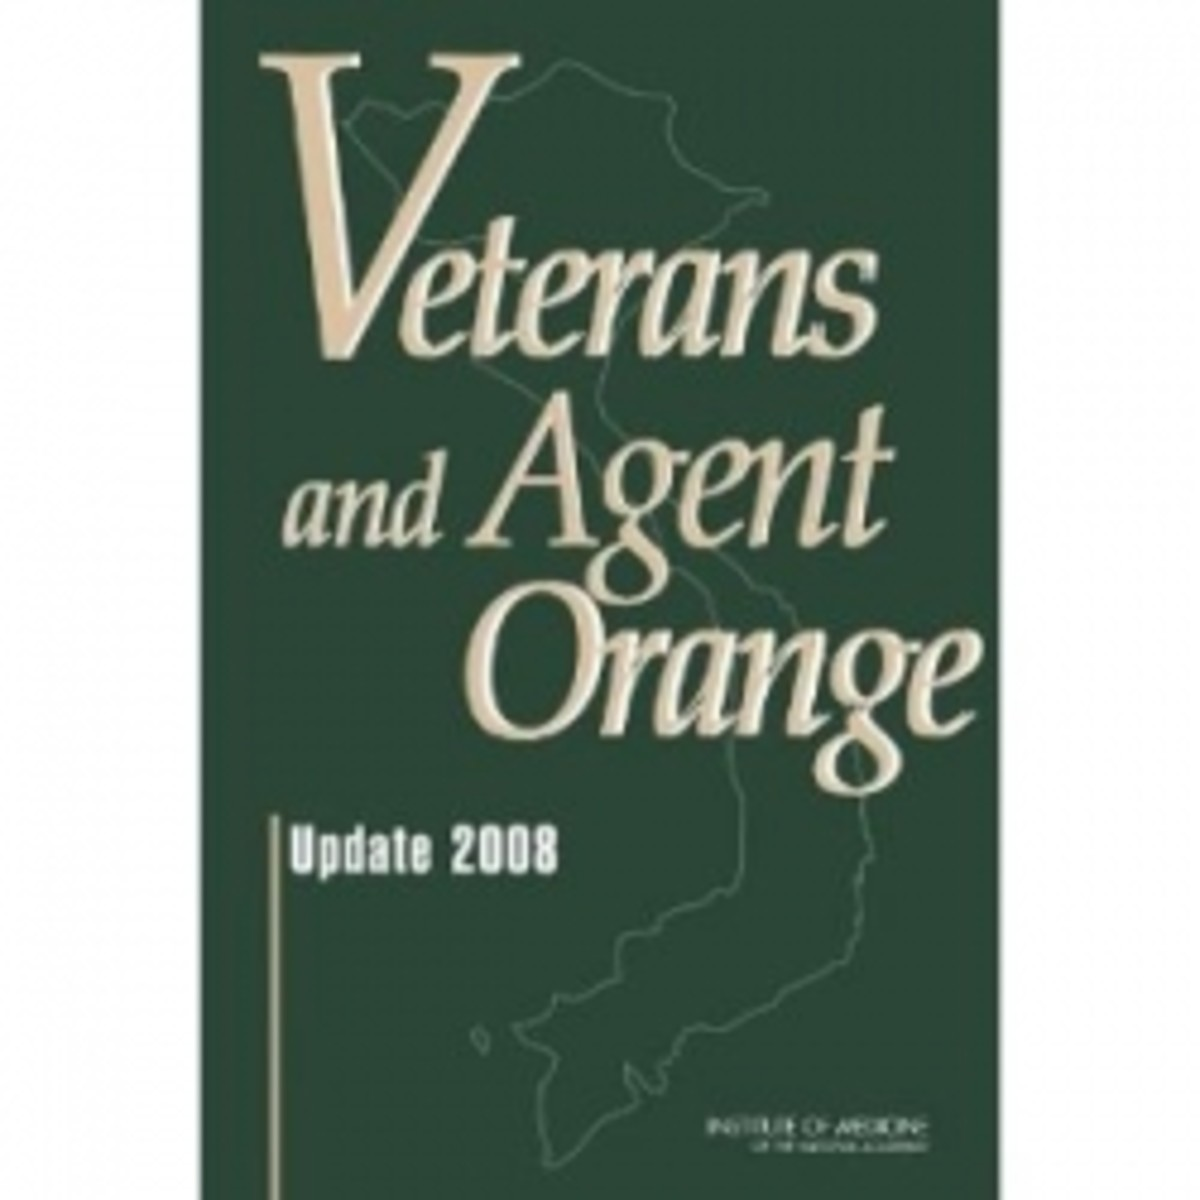 Veterans-and-Agent-Orange-book